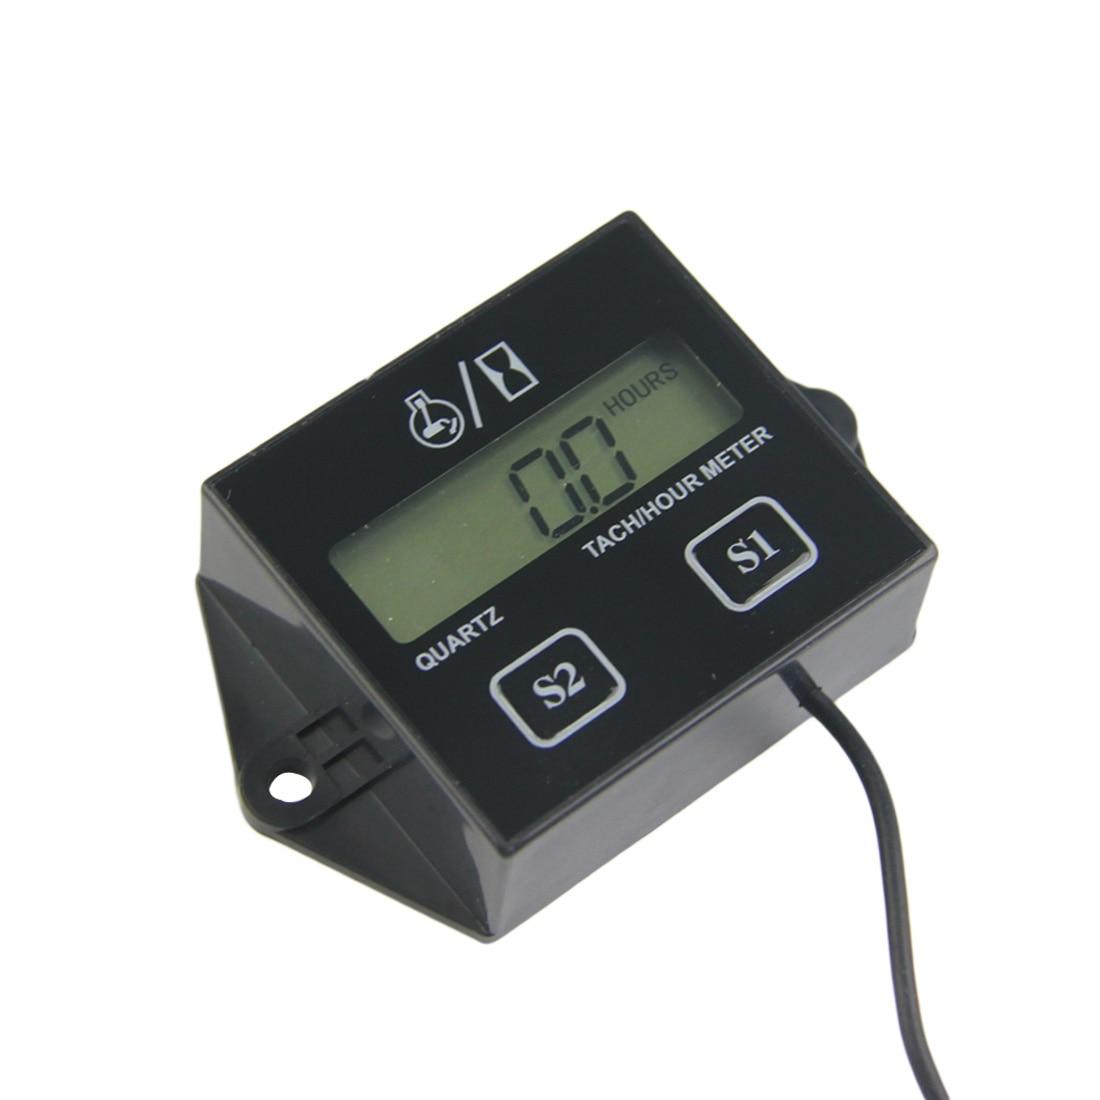 Tech Hour Meter Digital Engine Tachometer Gauge Inductive For Motorcycle Motor Stroke Engine Spark цена